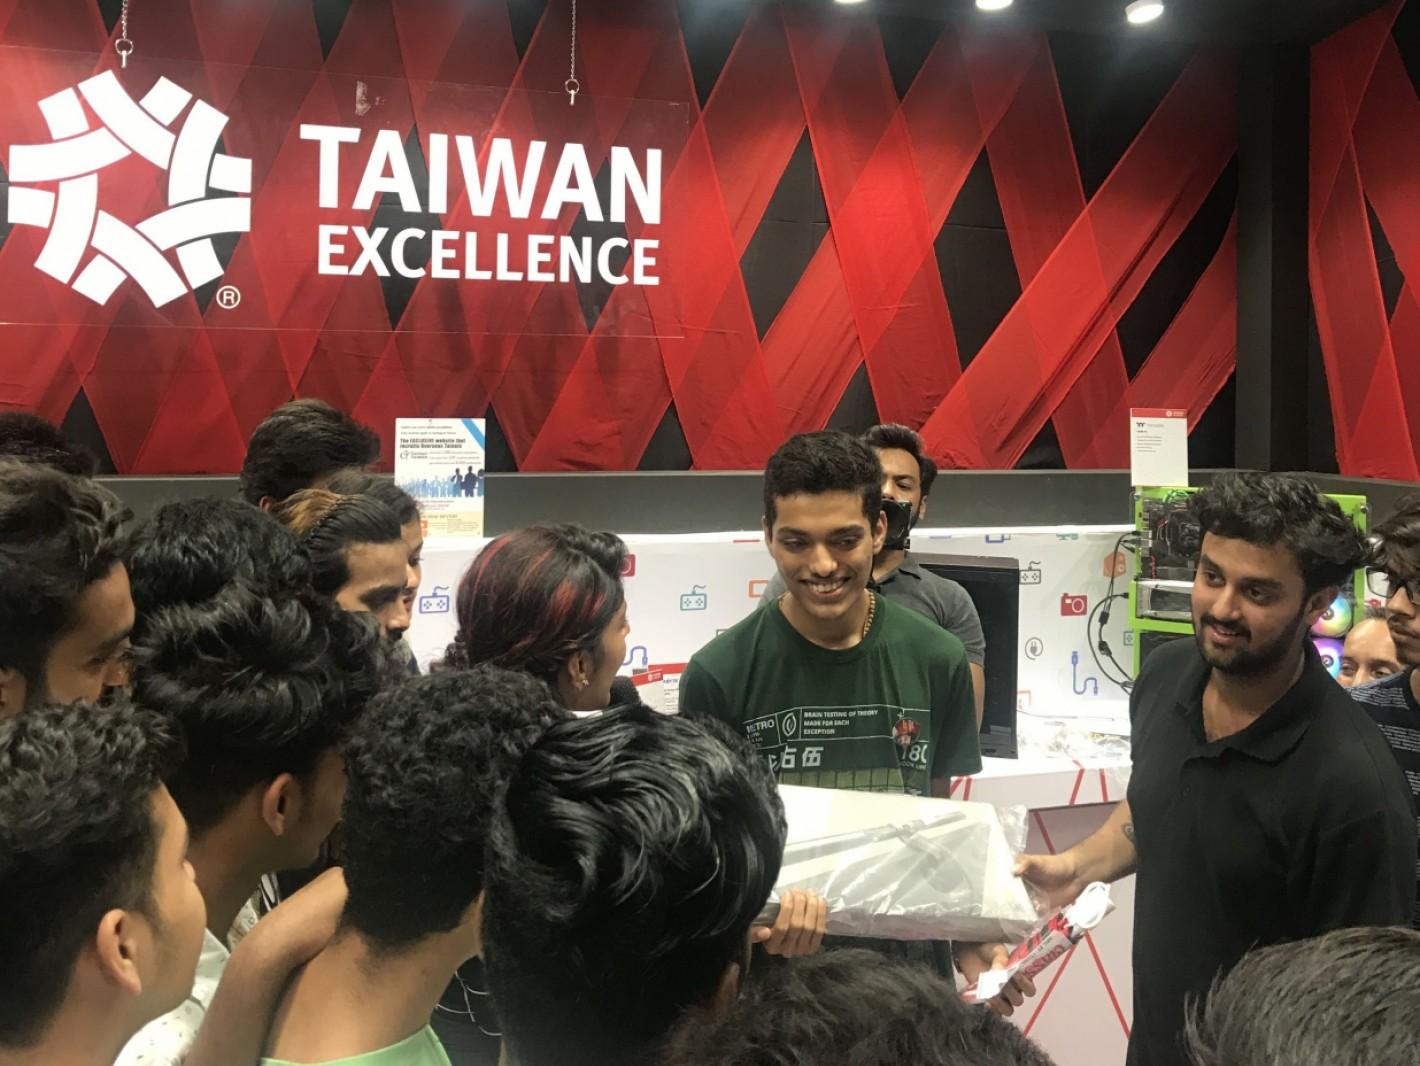 年輕族群對台灣精品活動及產品反應熱烈